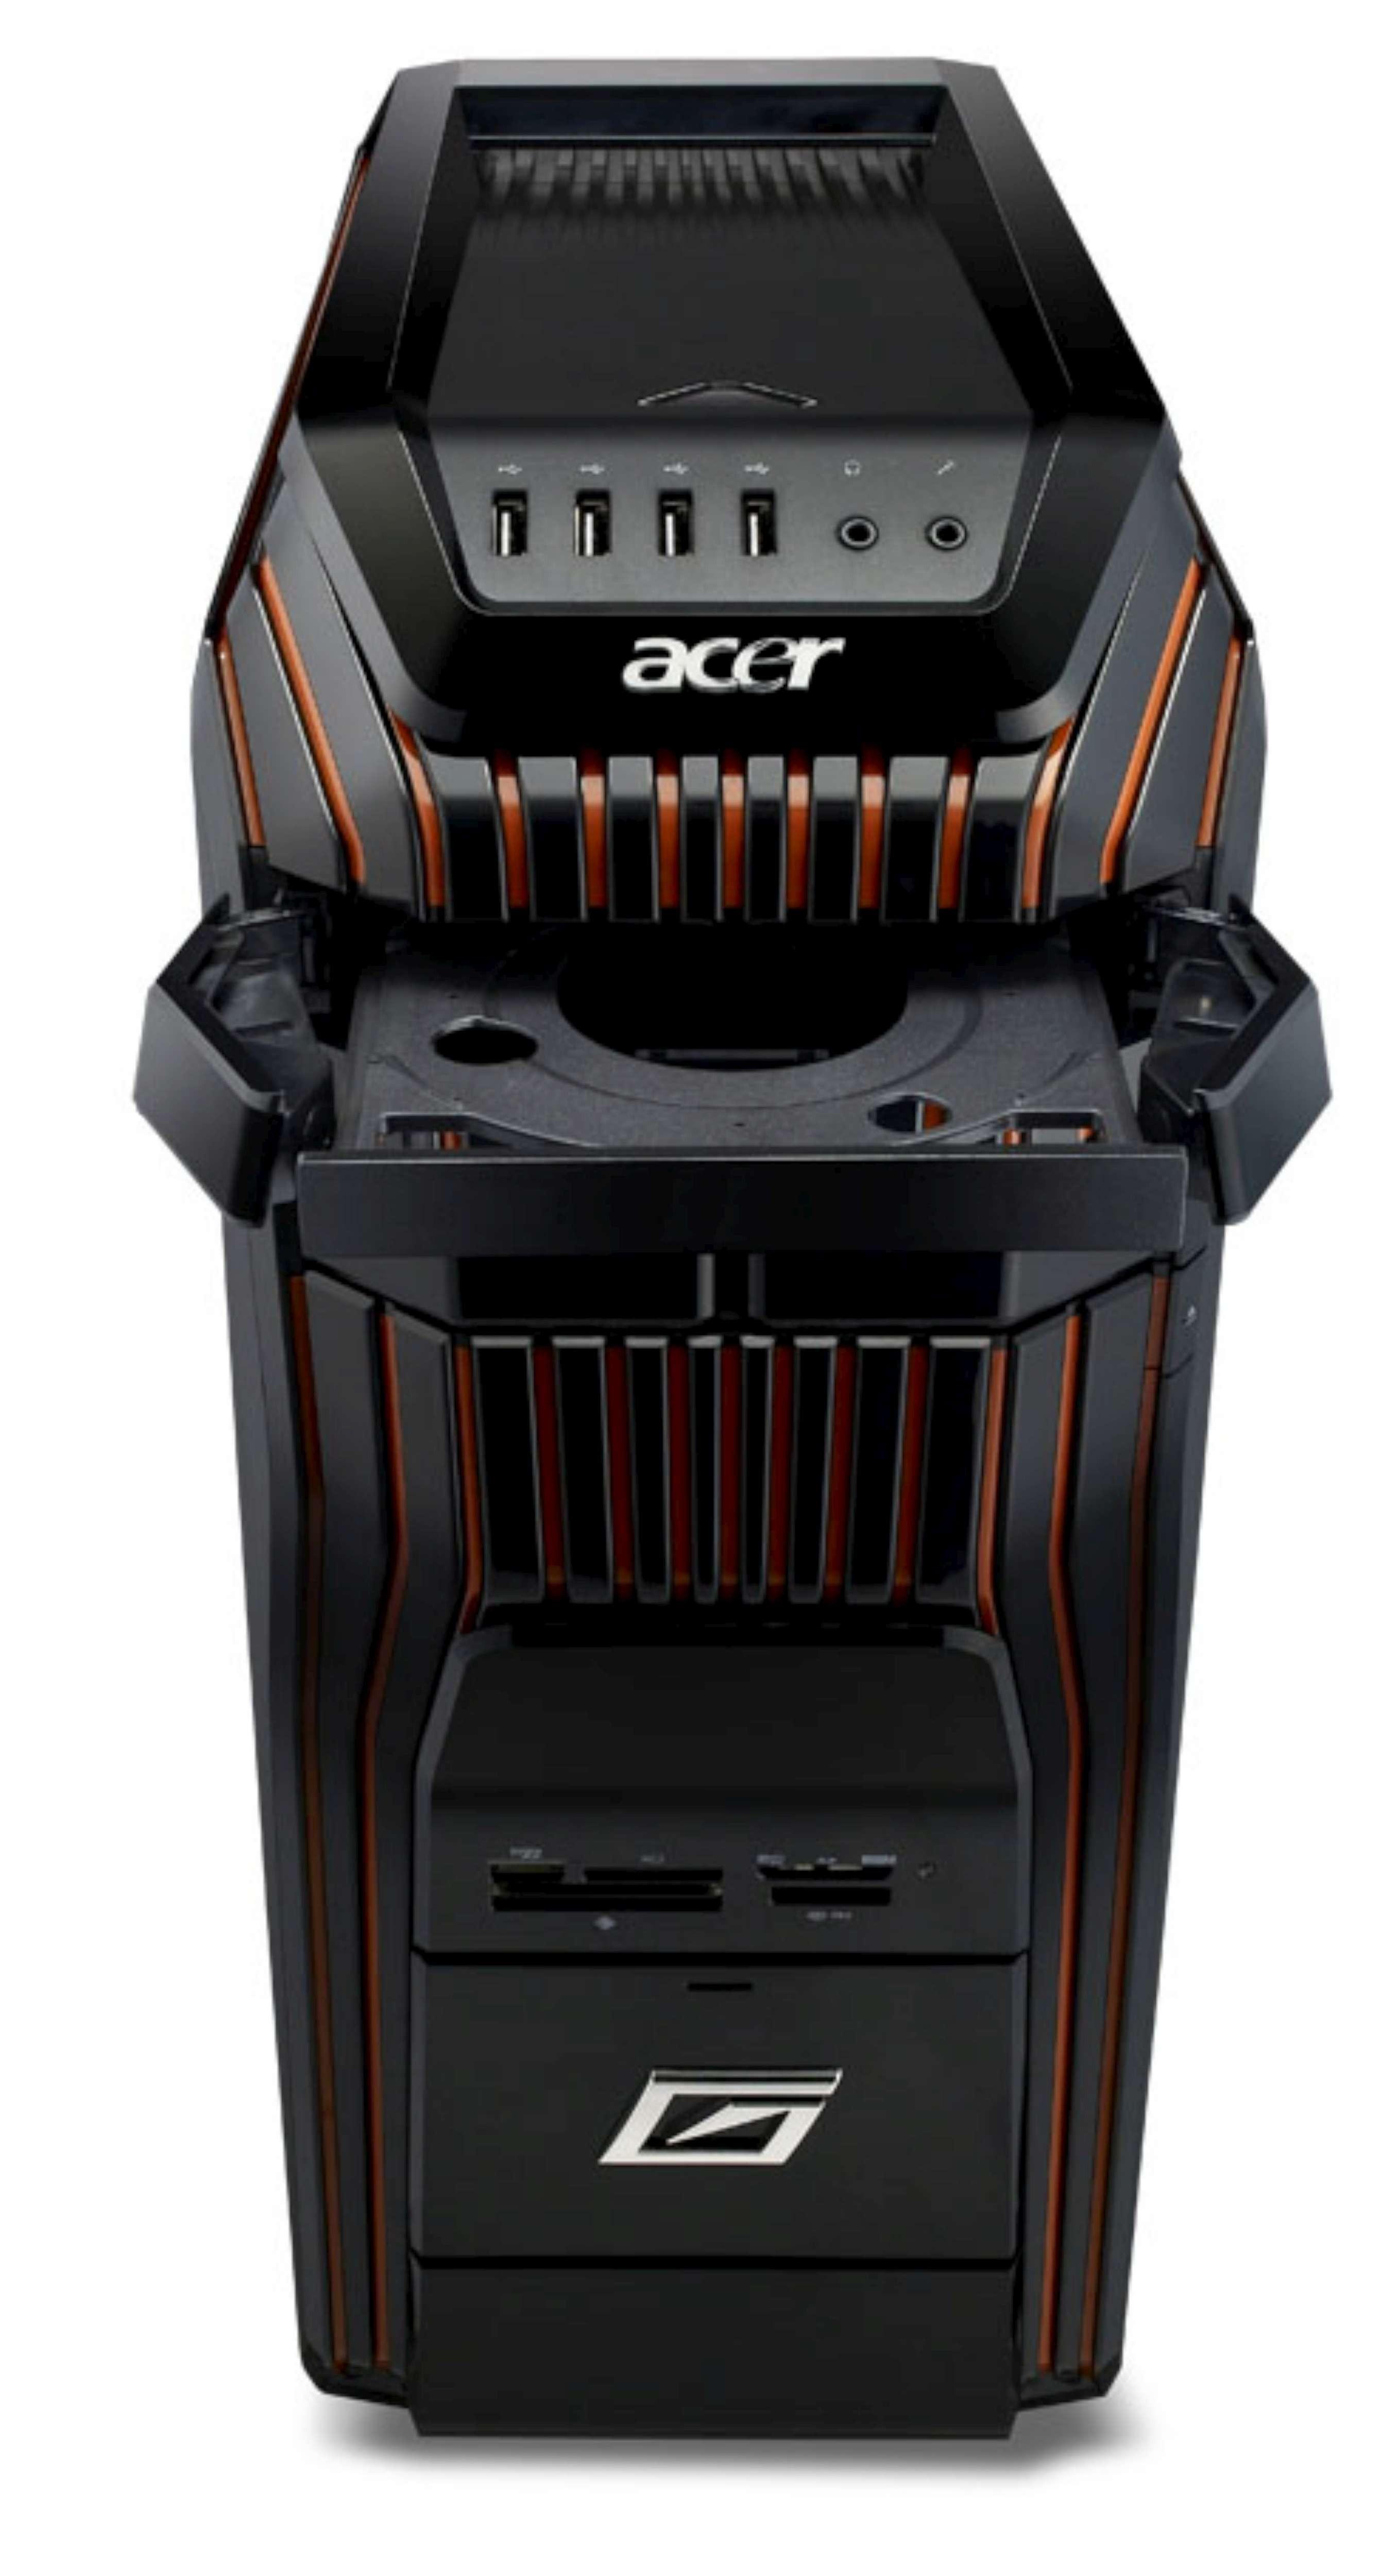 Refurbished Acer G5900/i5 650/6GB RAM/500GB HDD/DVD-RW/Windows 10/B